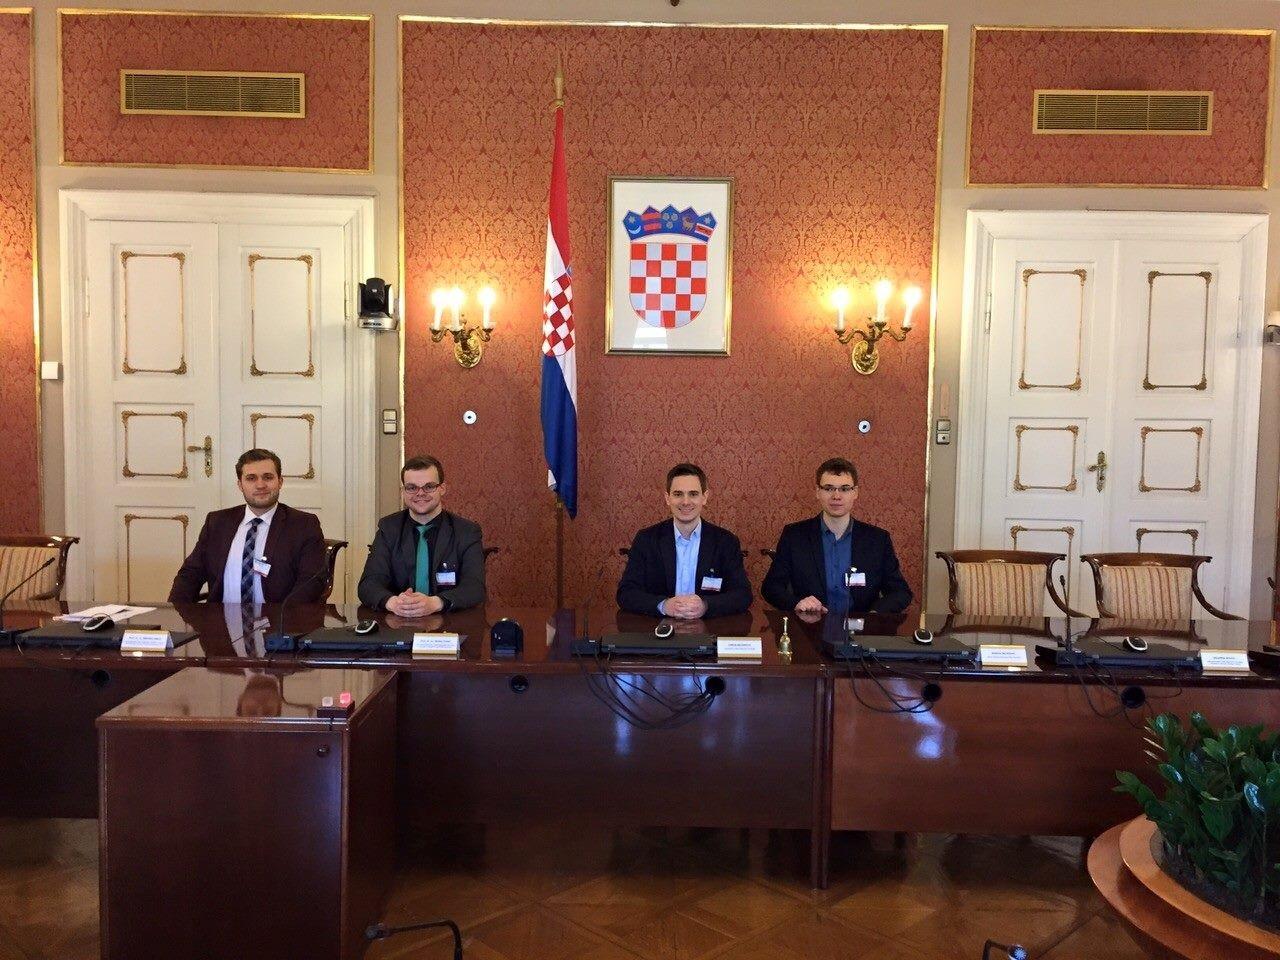 Unsere Delegation beim Zagreb-Austausch.